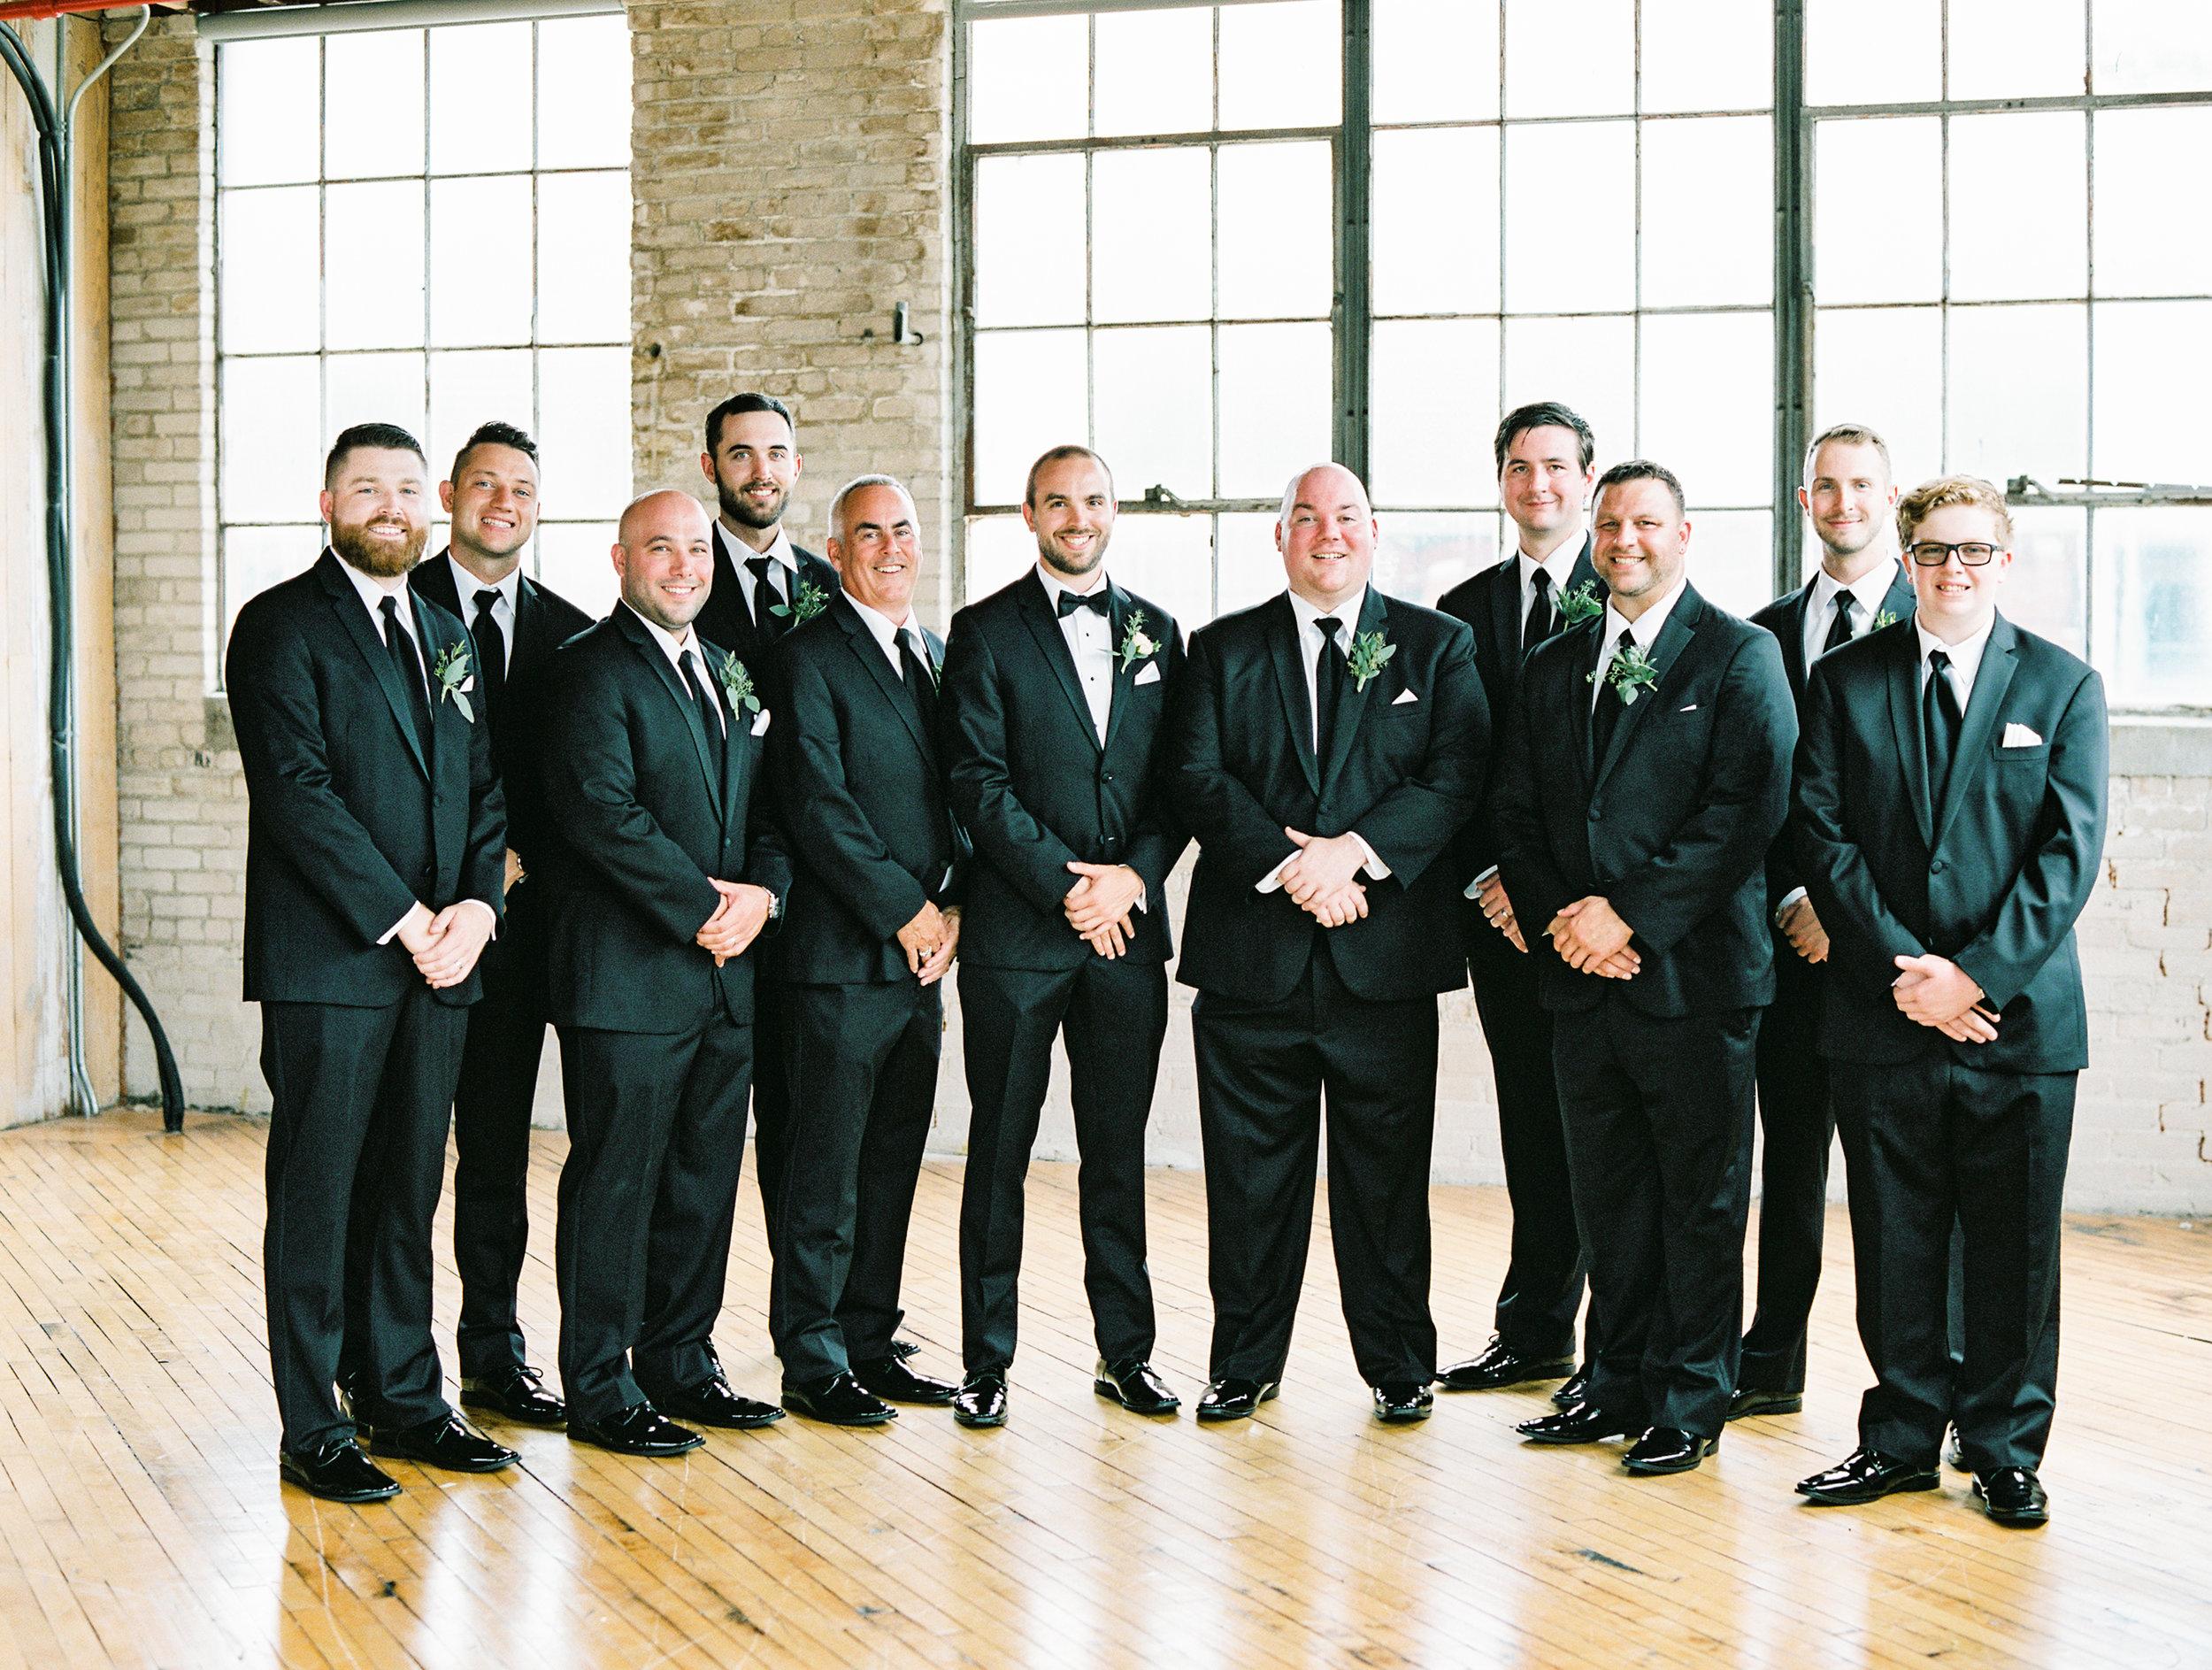 Steiner+Wedding+Groom+Groomsmen-55.jpg